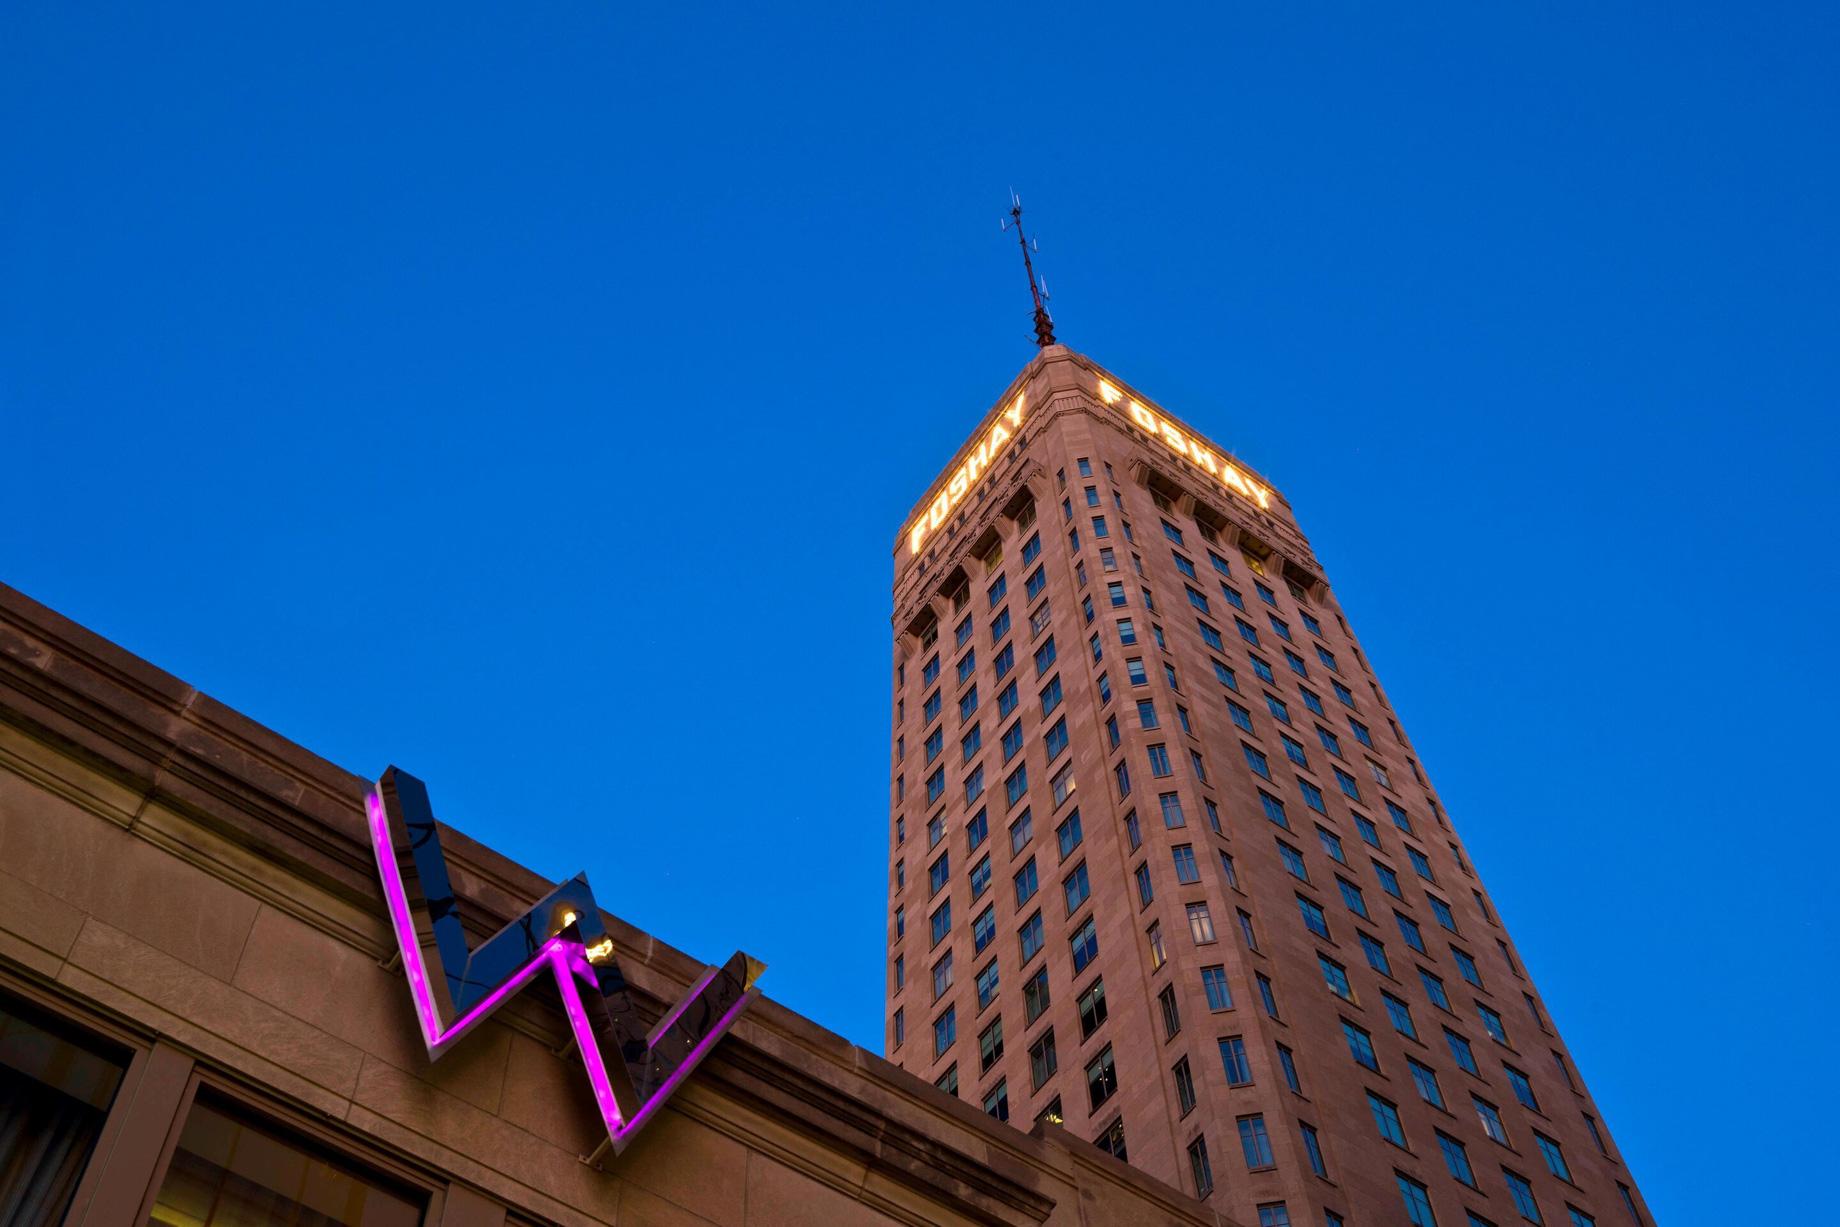 W Minneapolis The Foshay Luxury Hotel - Minneapolis, MN, USA - Hotel Exterior W Sign